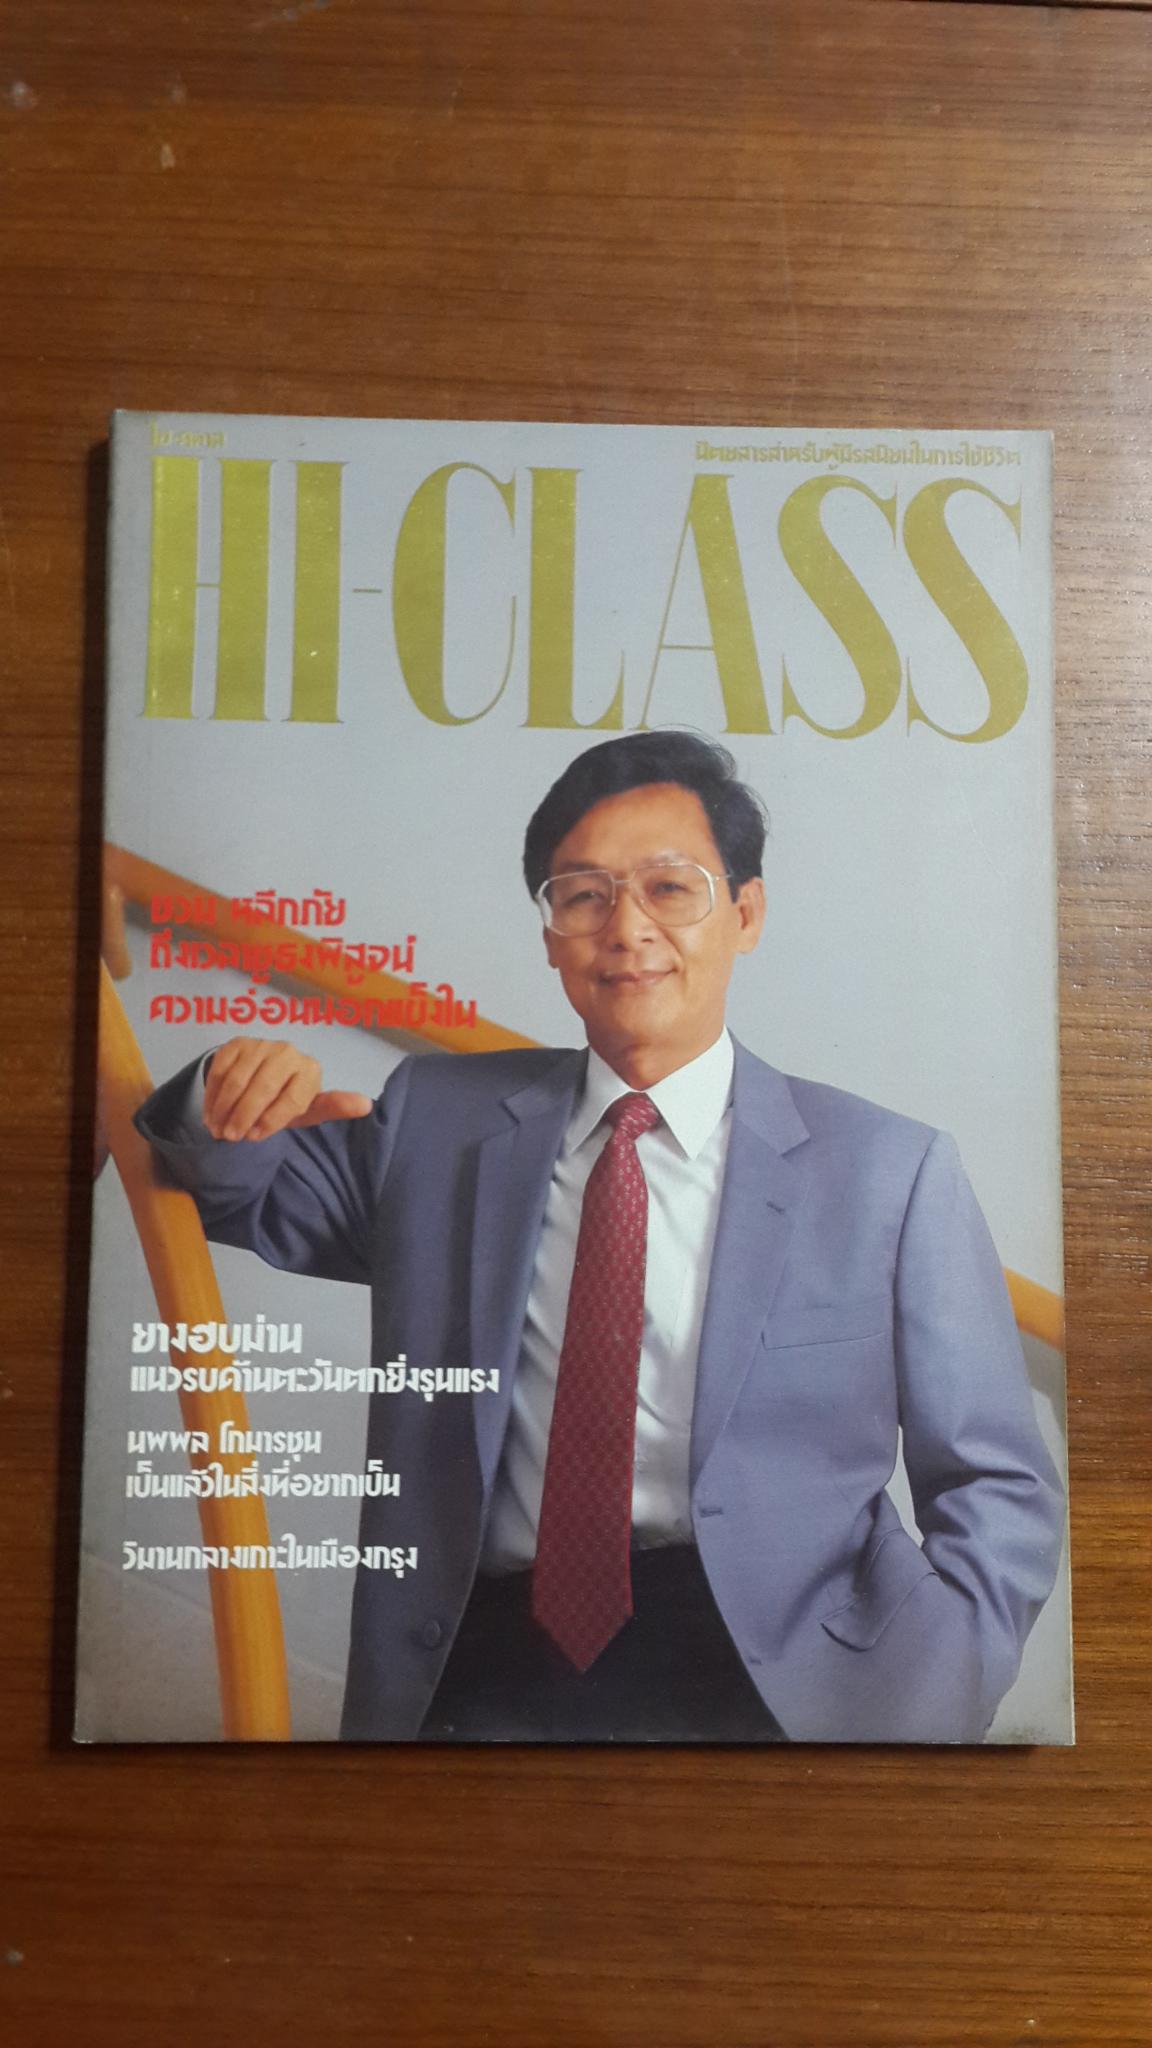 HI-CLASS ไฮ-คลาส ฉบับที่ 94 (ชวน หลีกภัย)